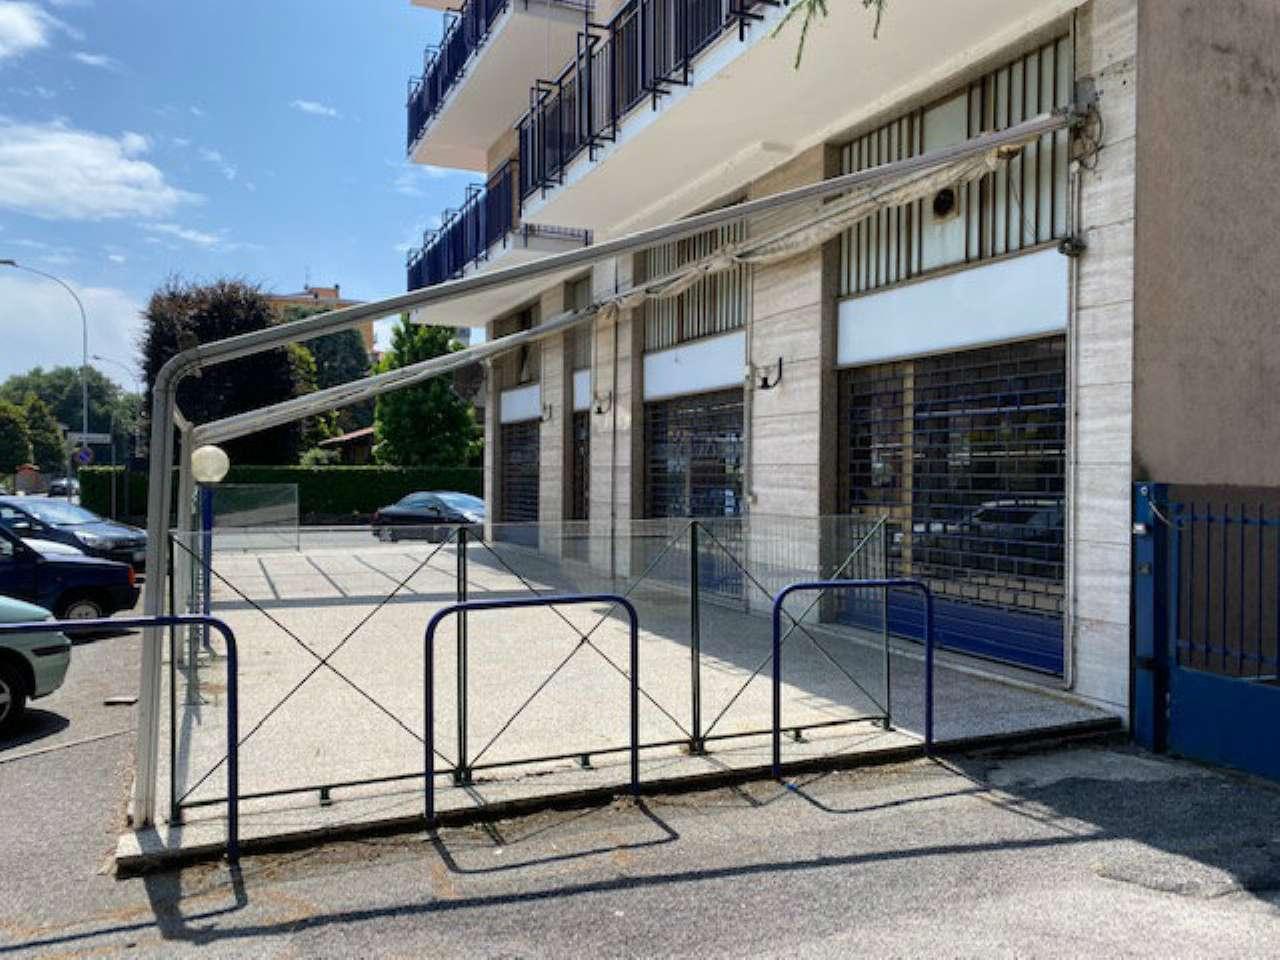 Negozio / Locale in vendita a Cassano d'Adda, 3 locali, Trattative riservate | PortaleAgenzieImmobiliari.it